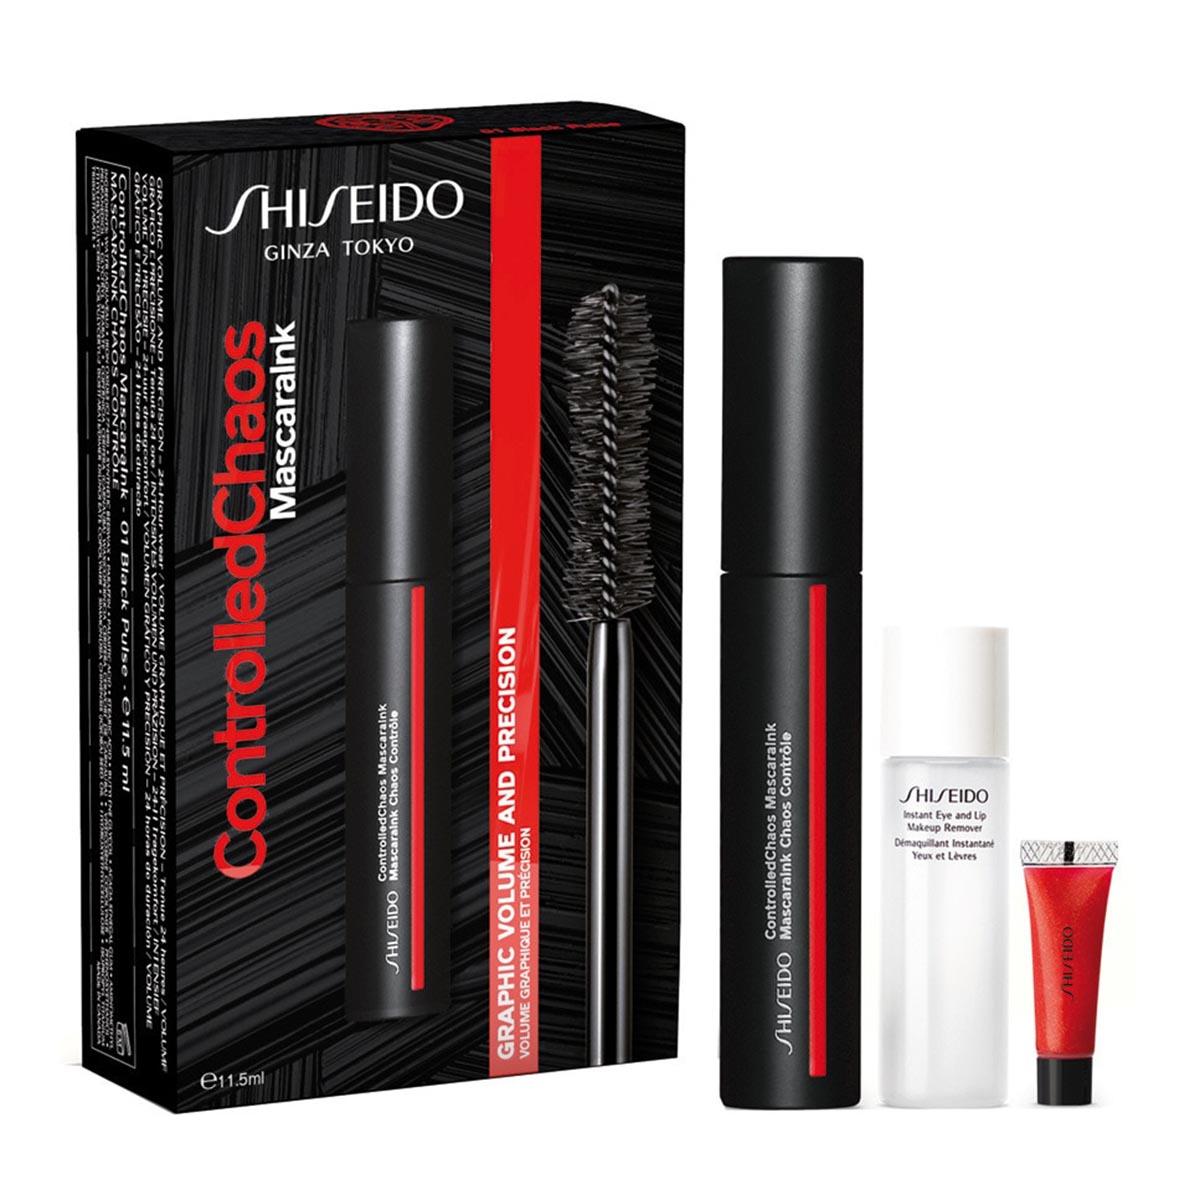 Shiseido controlled chaos mascaralnk mascara de pesta as 1un desmaquillante 1un mini crema